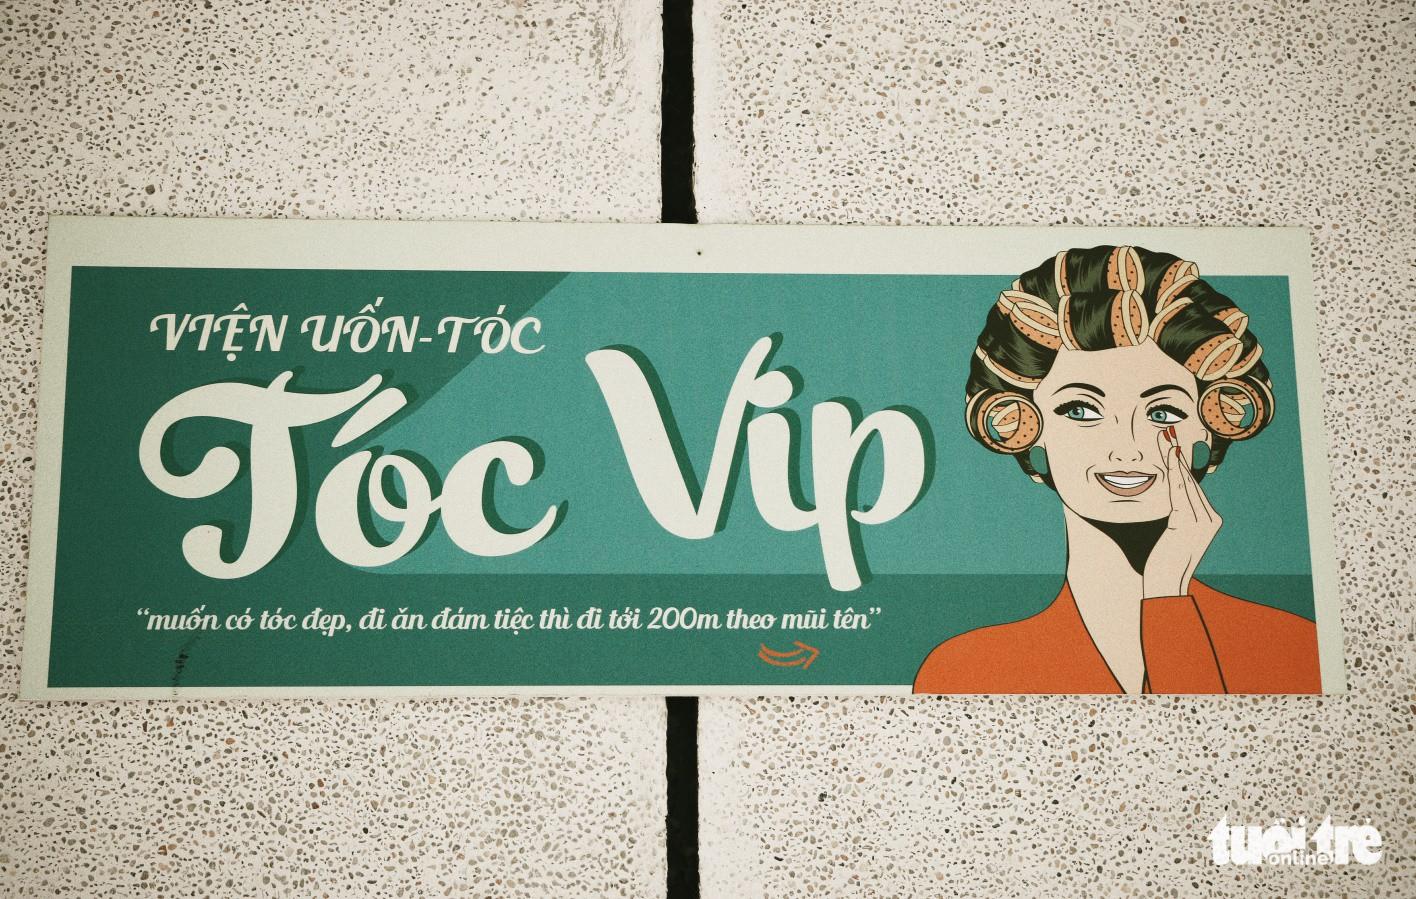 Nhìn những biển hiệu này để thấy Sài Gòn quá đỗi dễ thương - Ảnh 5.